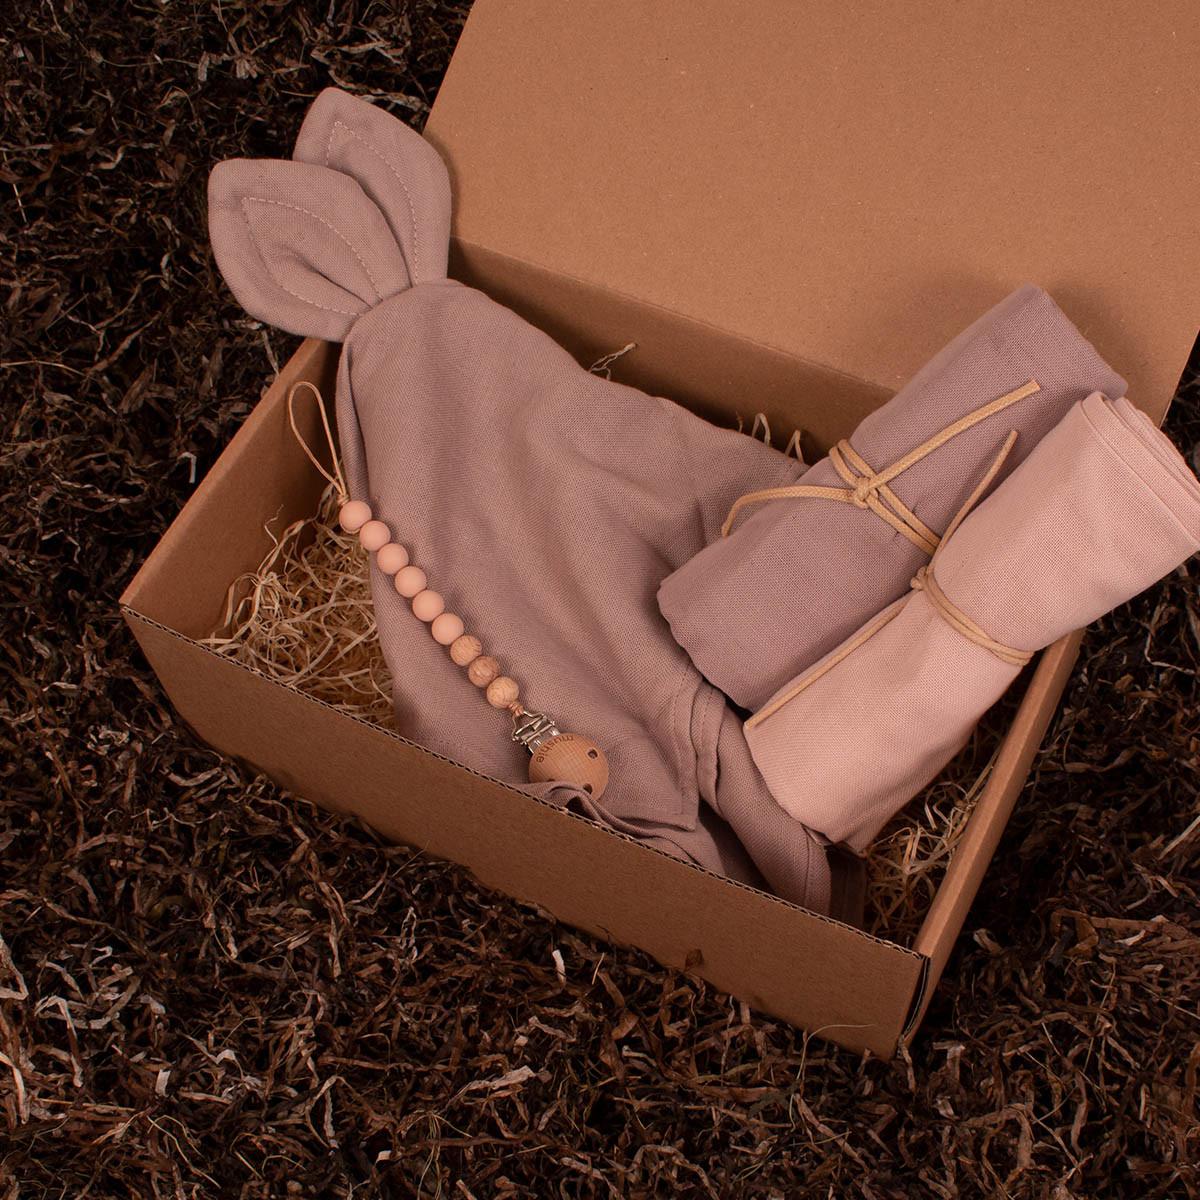 Nusseklud, stofbleer og suttesnor fra Mushie - Barsel- og dåbsgave | Eksklusiv gavesæt til baby og gravid mor